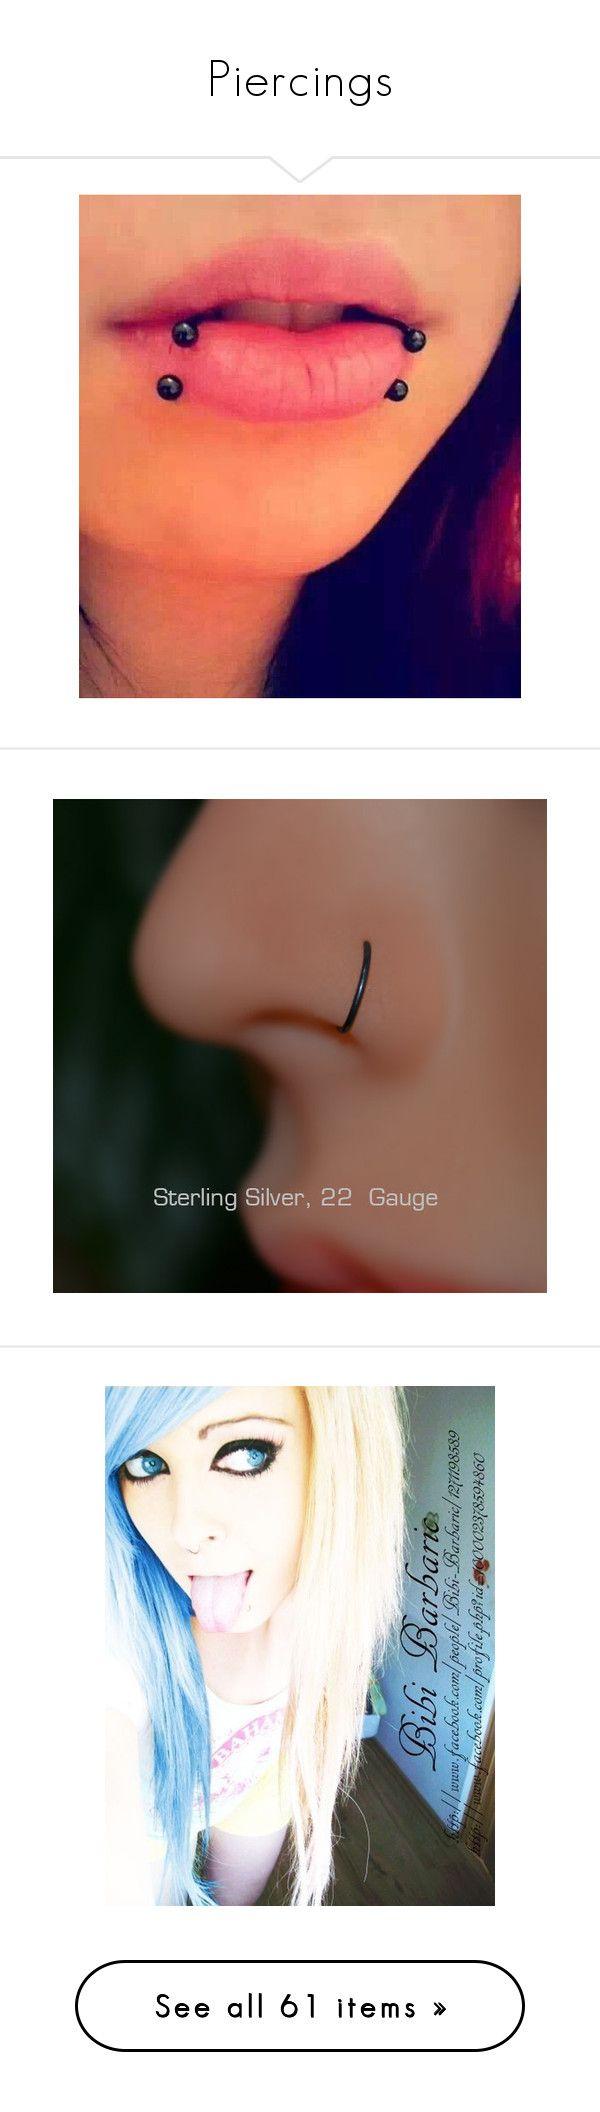 Piercing nose at home   melhores imagens sobre piercings no Pinterest  Brincos para